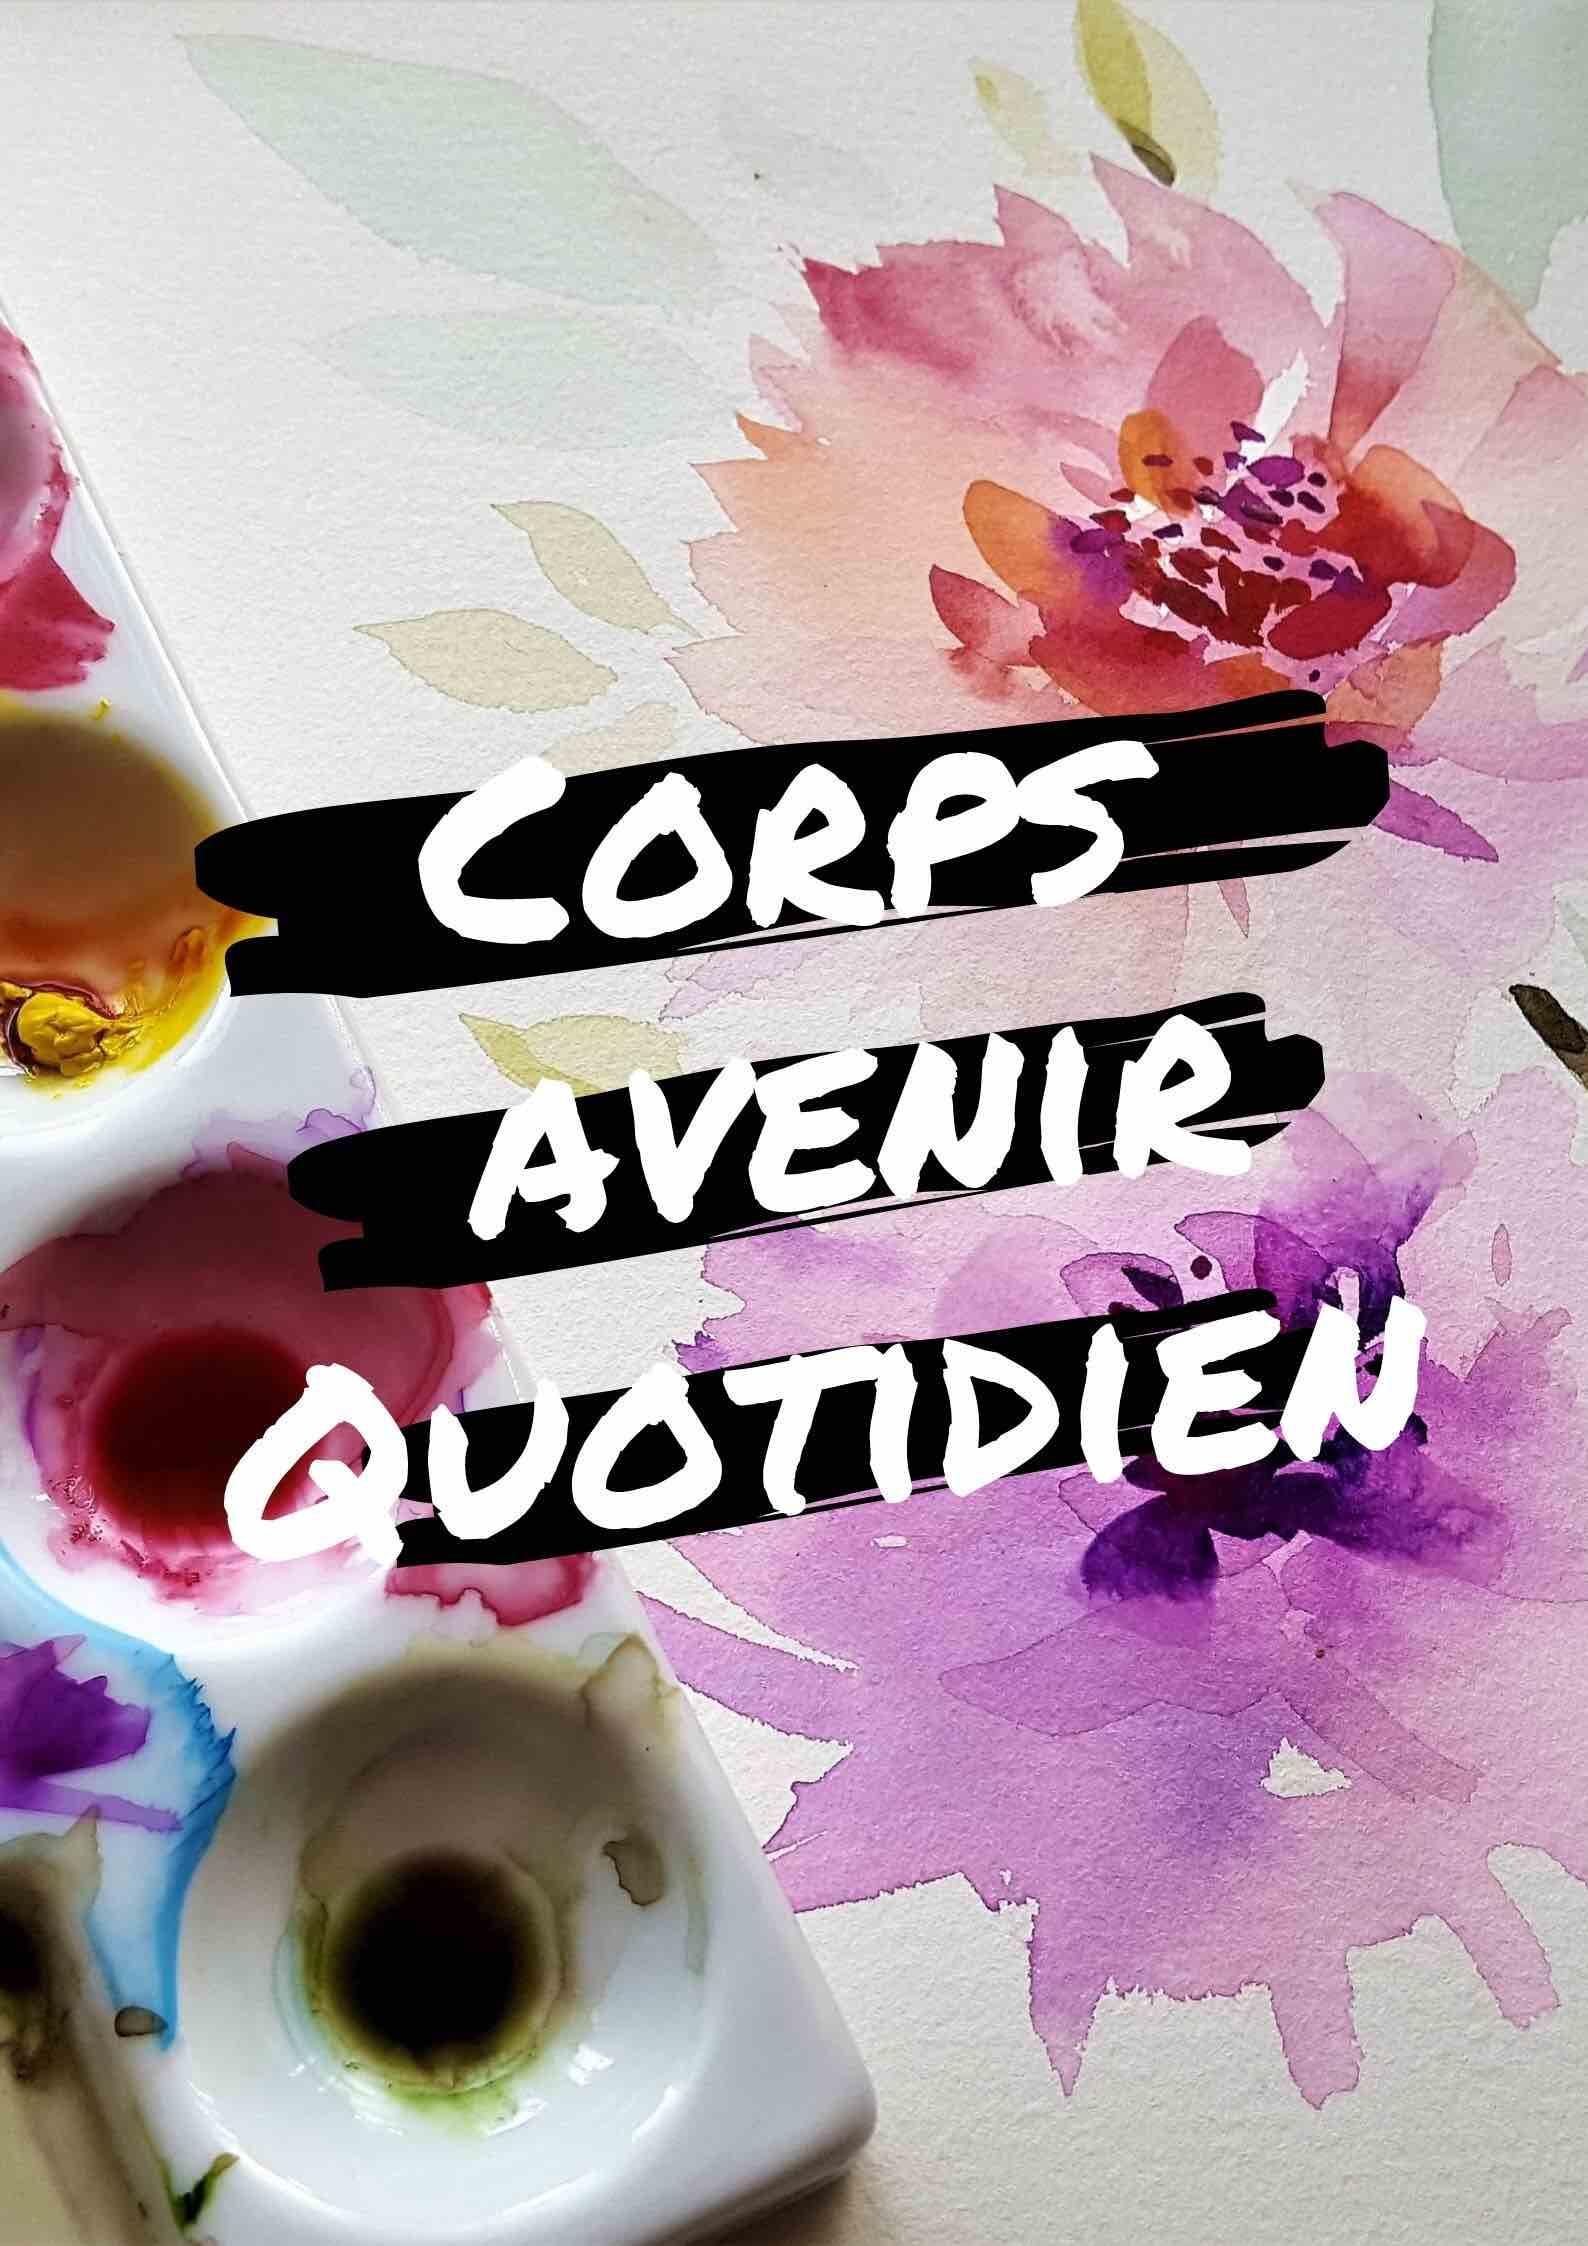 CCP Corps Avenir et Quotidien